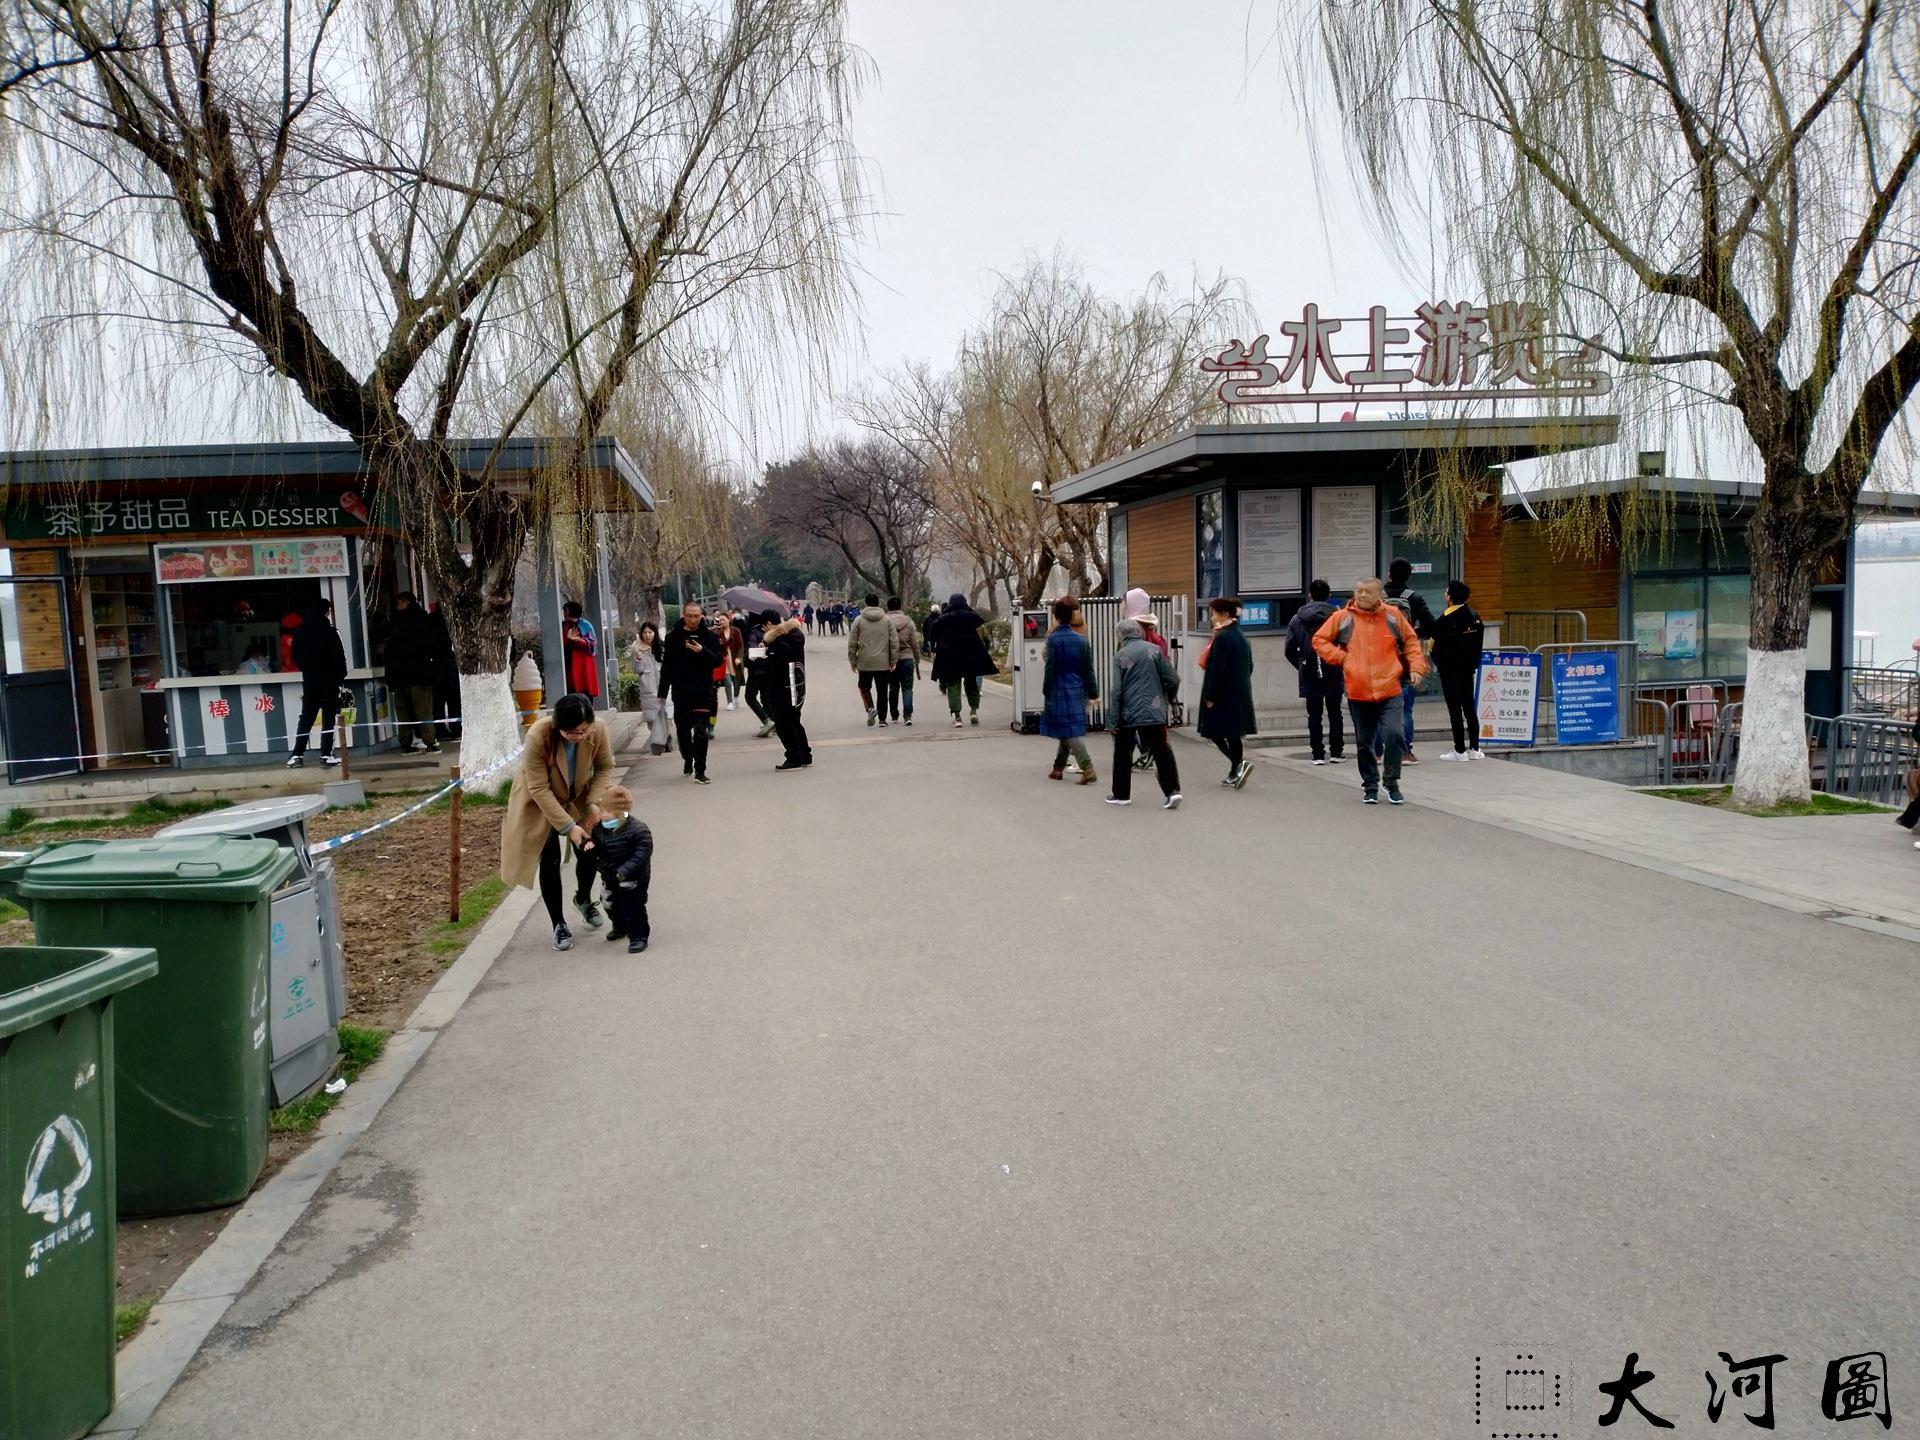 2019年3月的南京玄武湖公园之旅 摄影 第11张